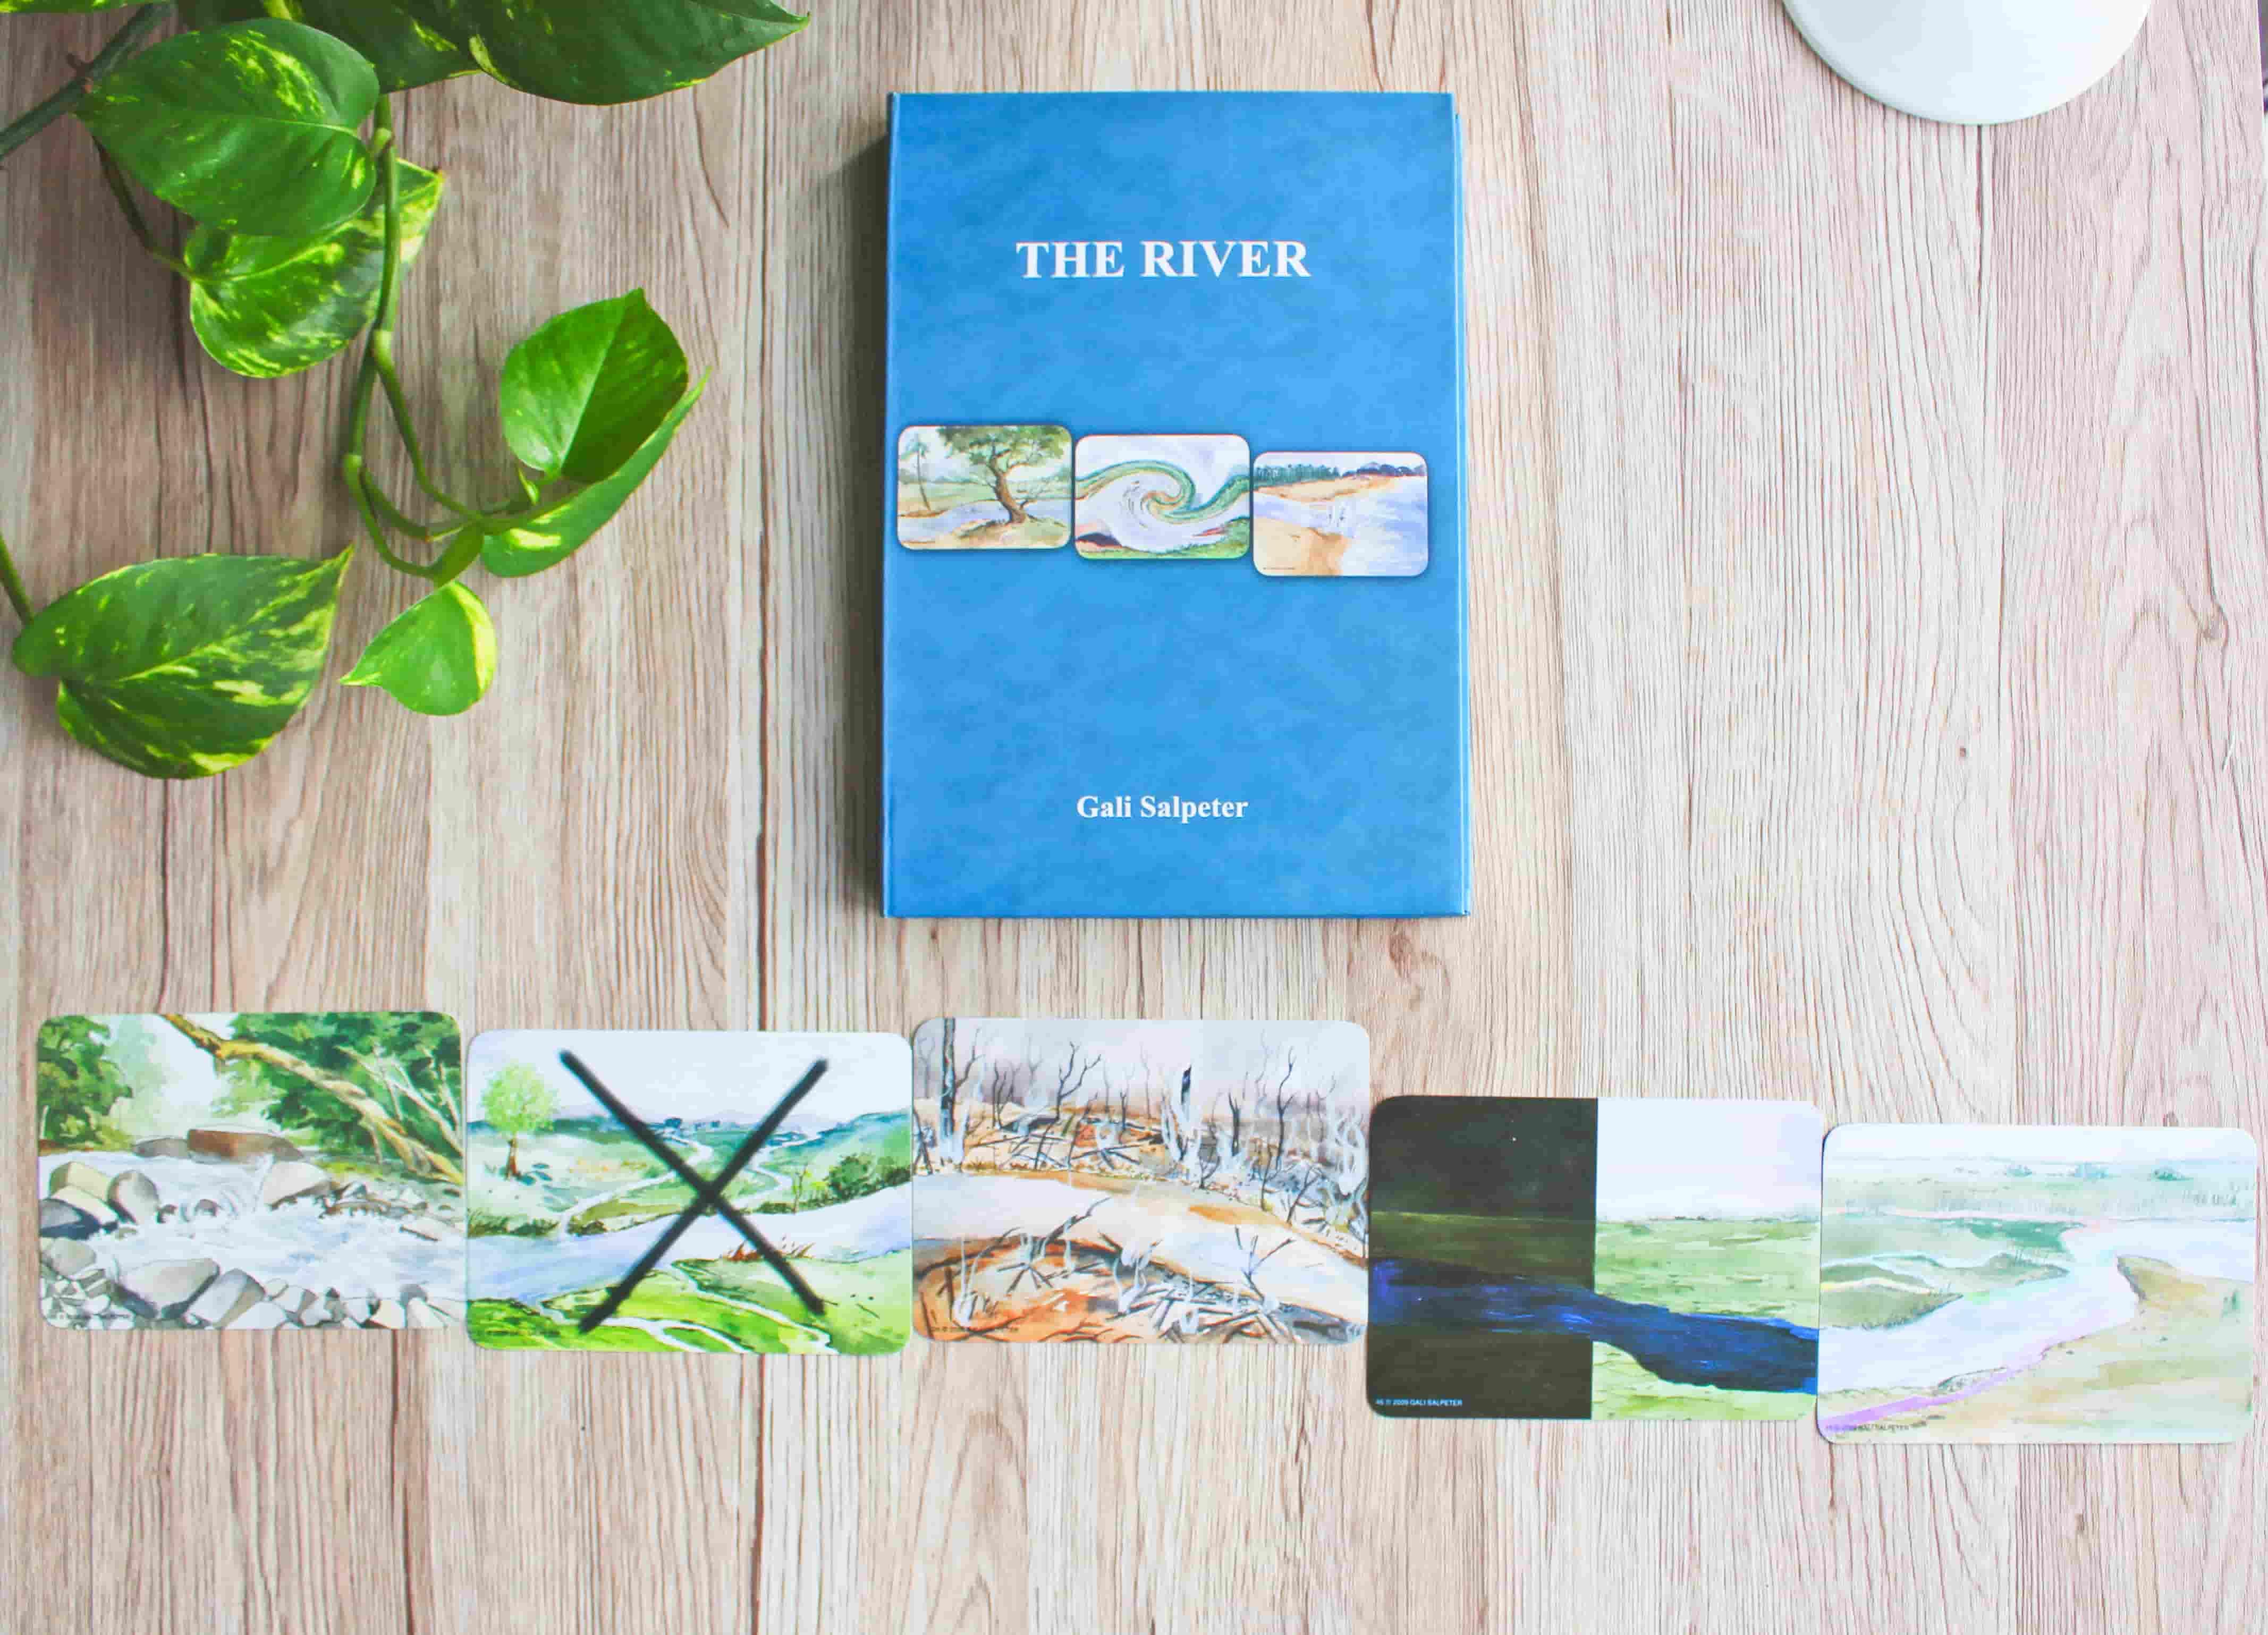 jeu The river